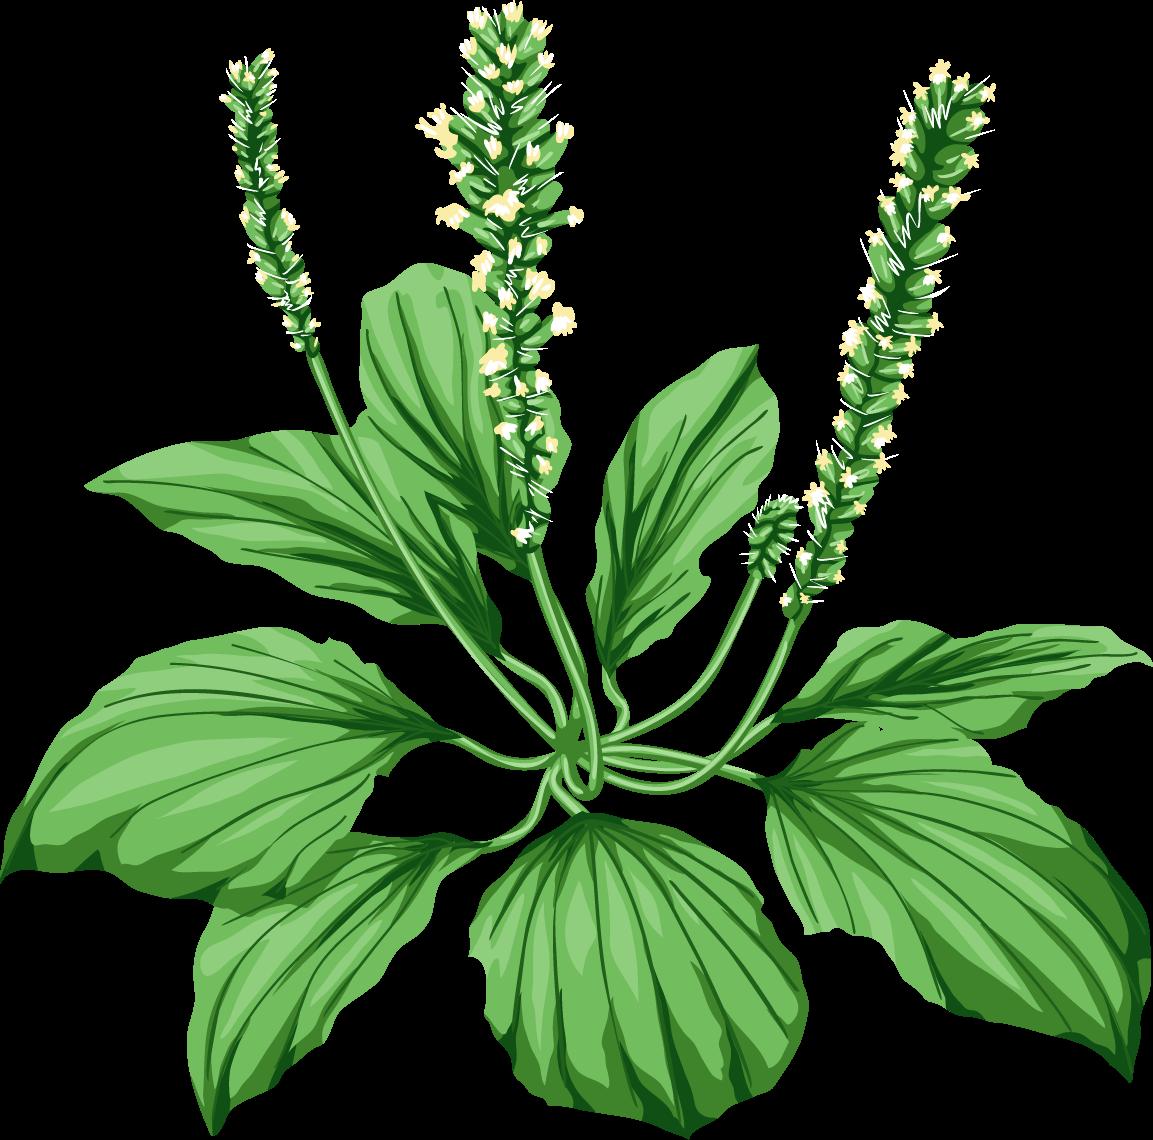 Картинки лекарственные растения для детей, открытки